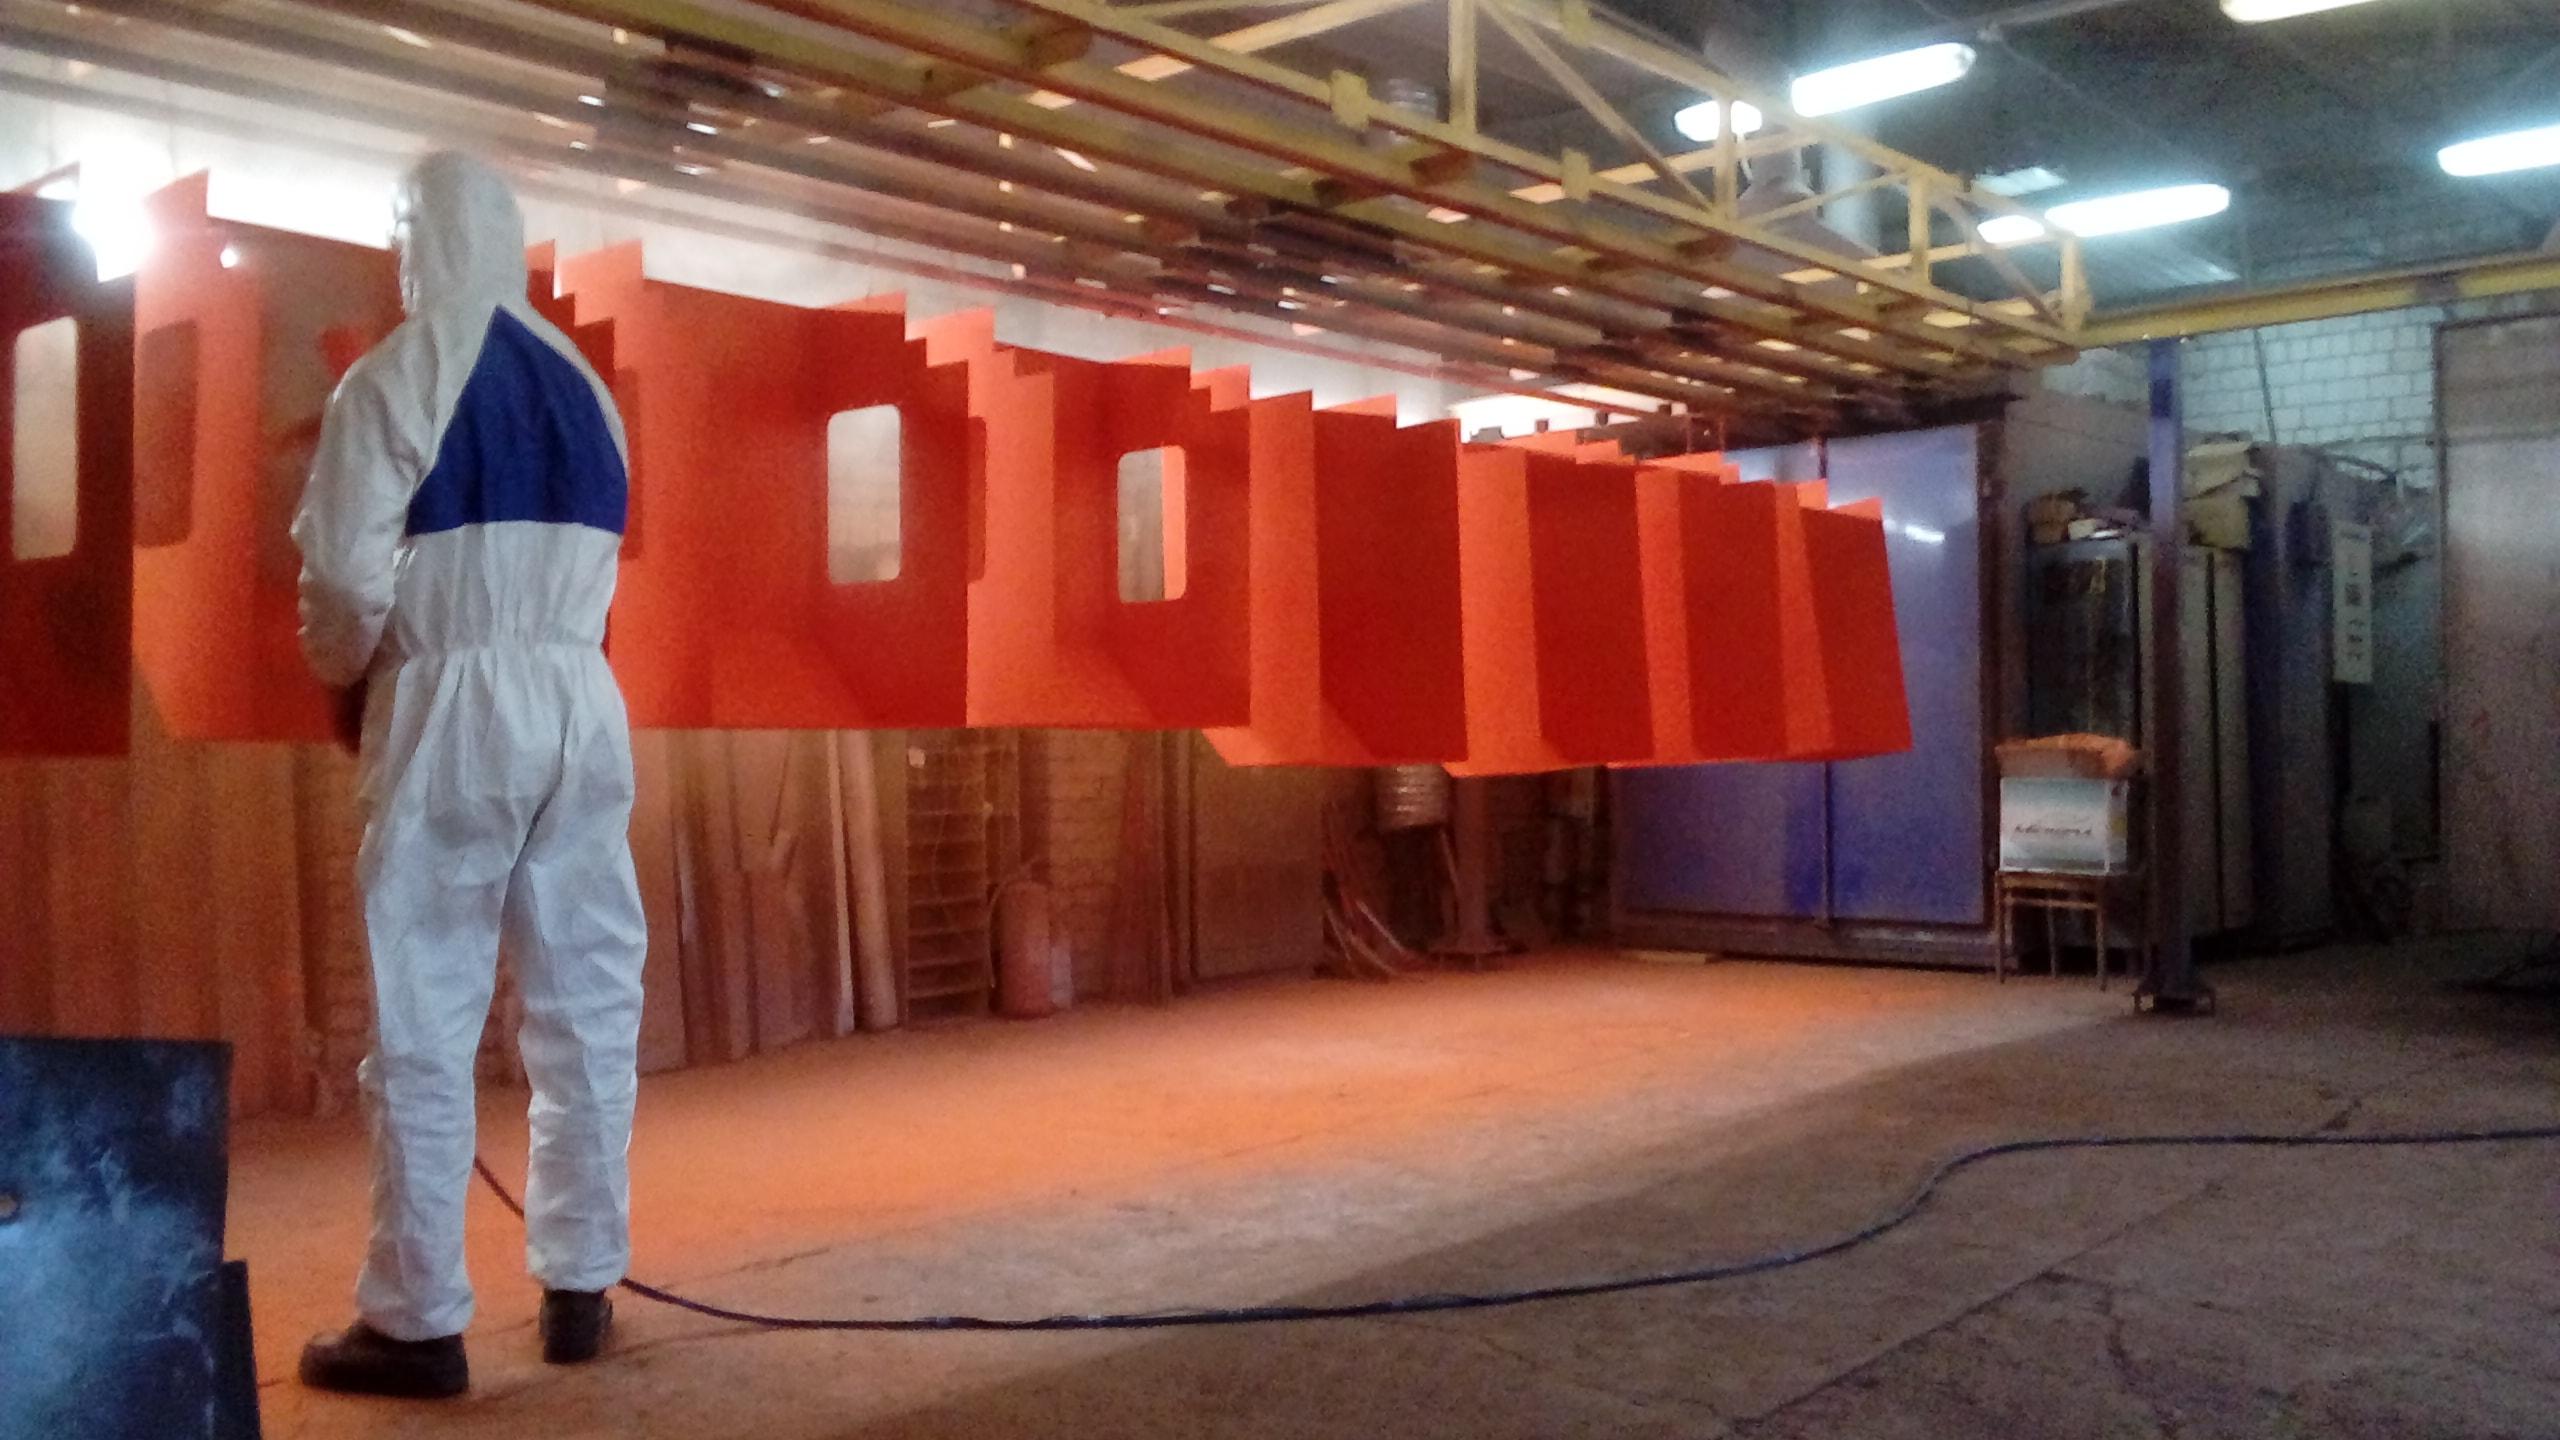 Порошково-полимерная покраска изделий, металла